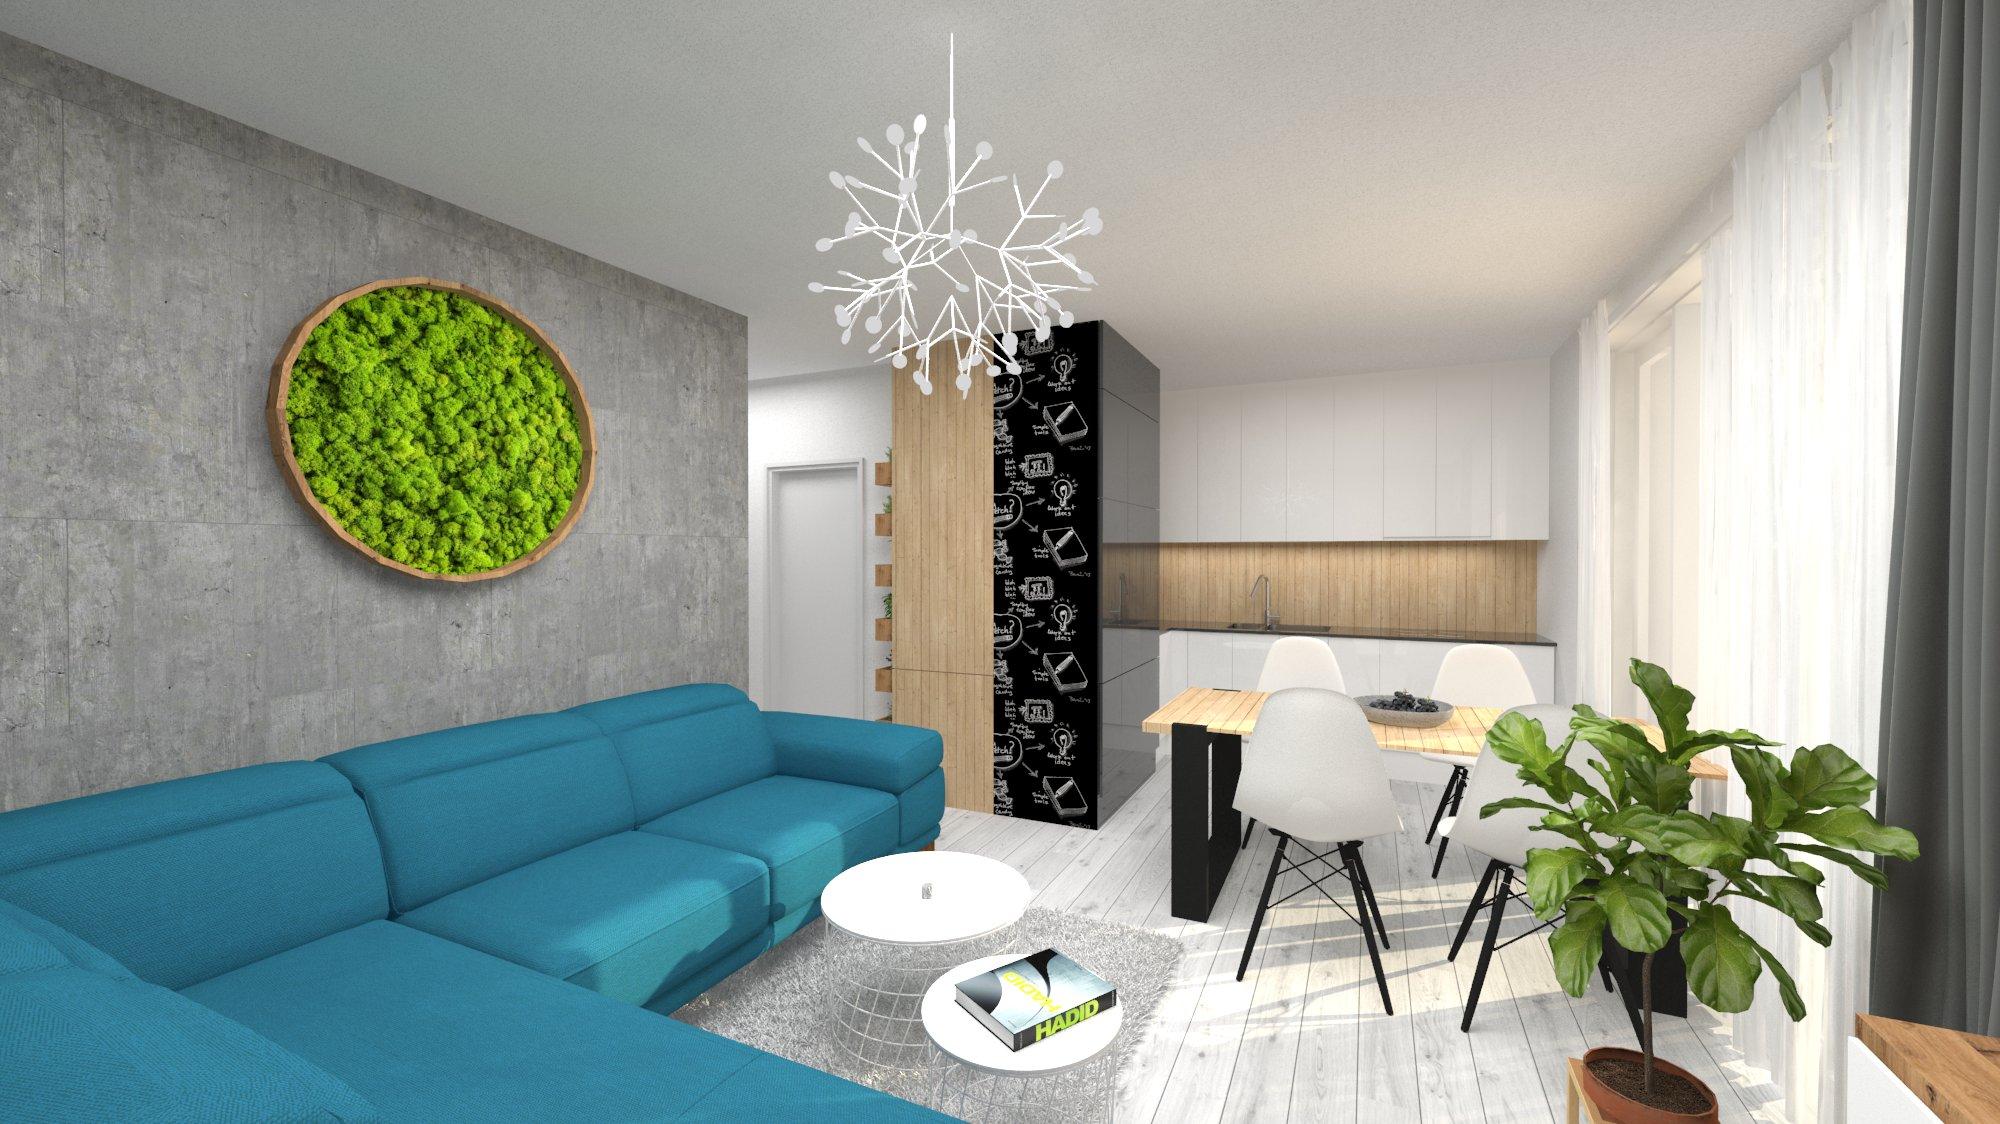 Návrh interiéru pre byt v novostavbe - obývačka s kuchyňou